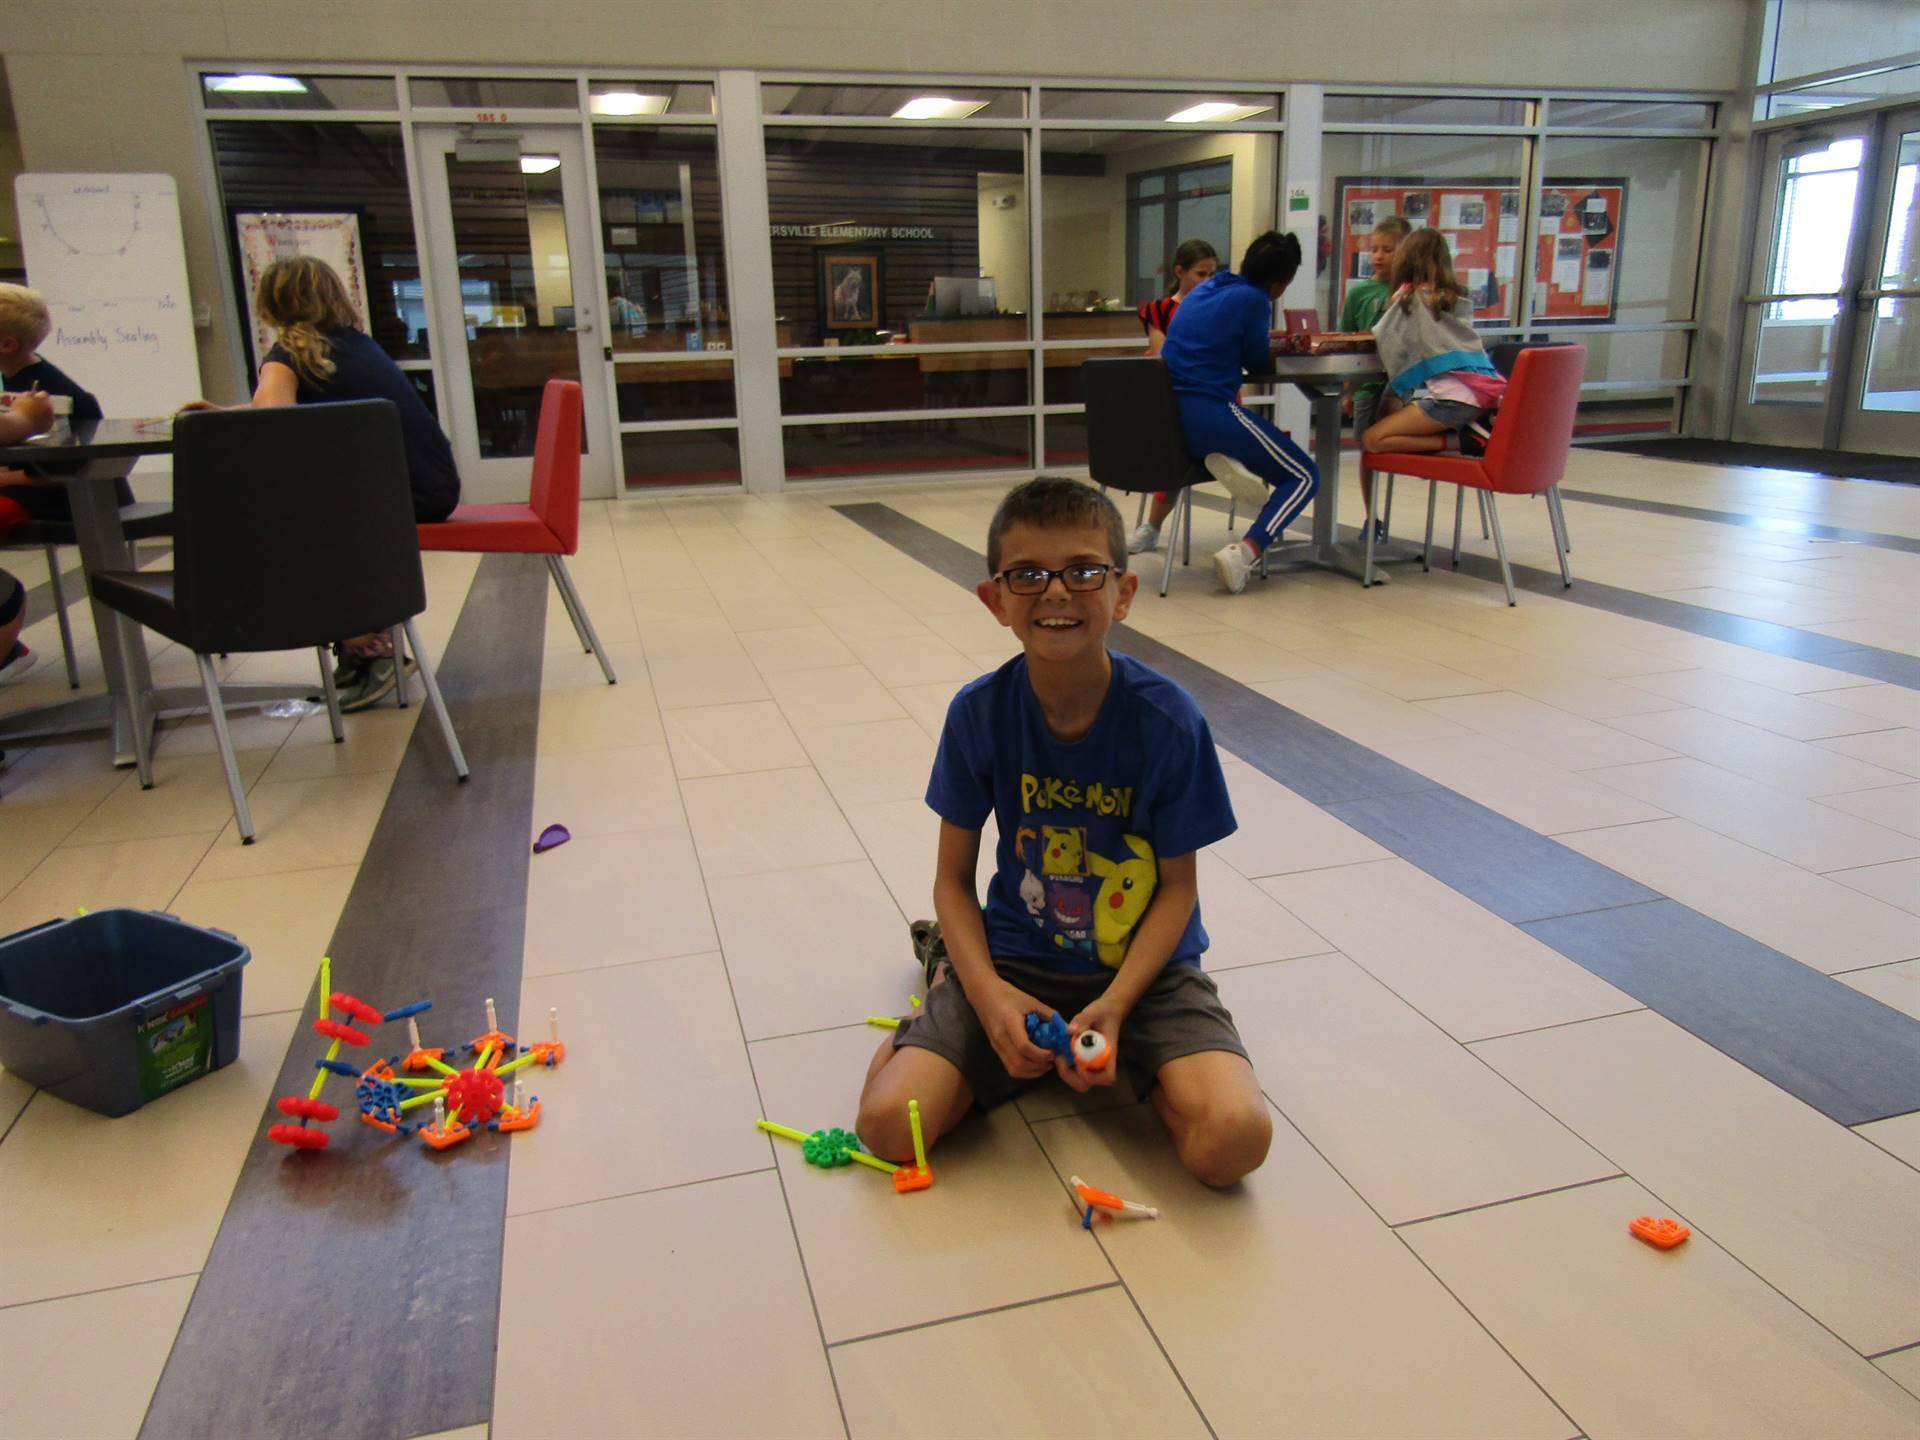 Constructing a project at indoor recess